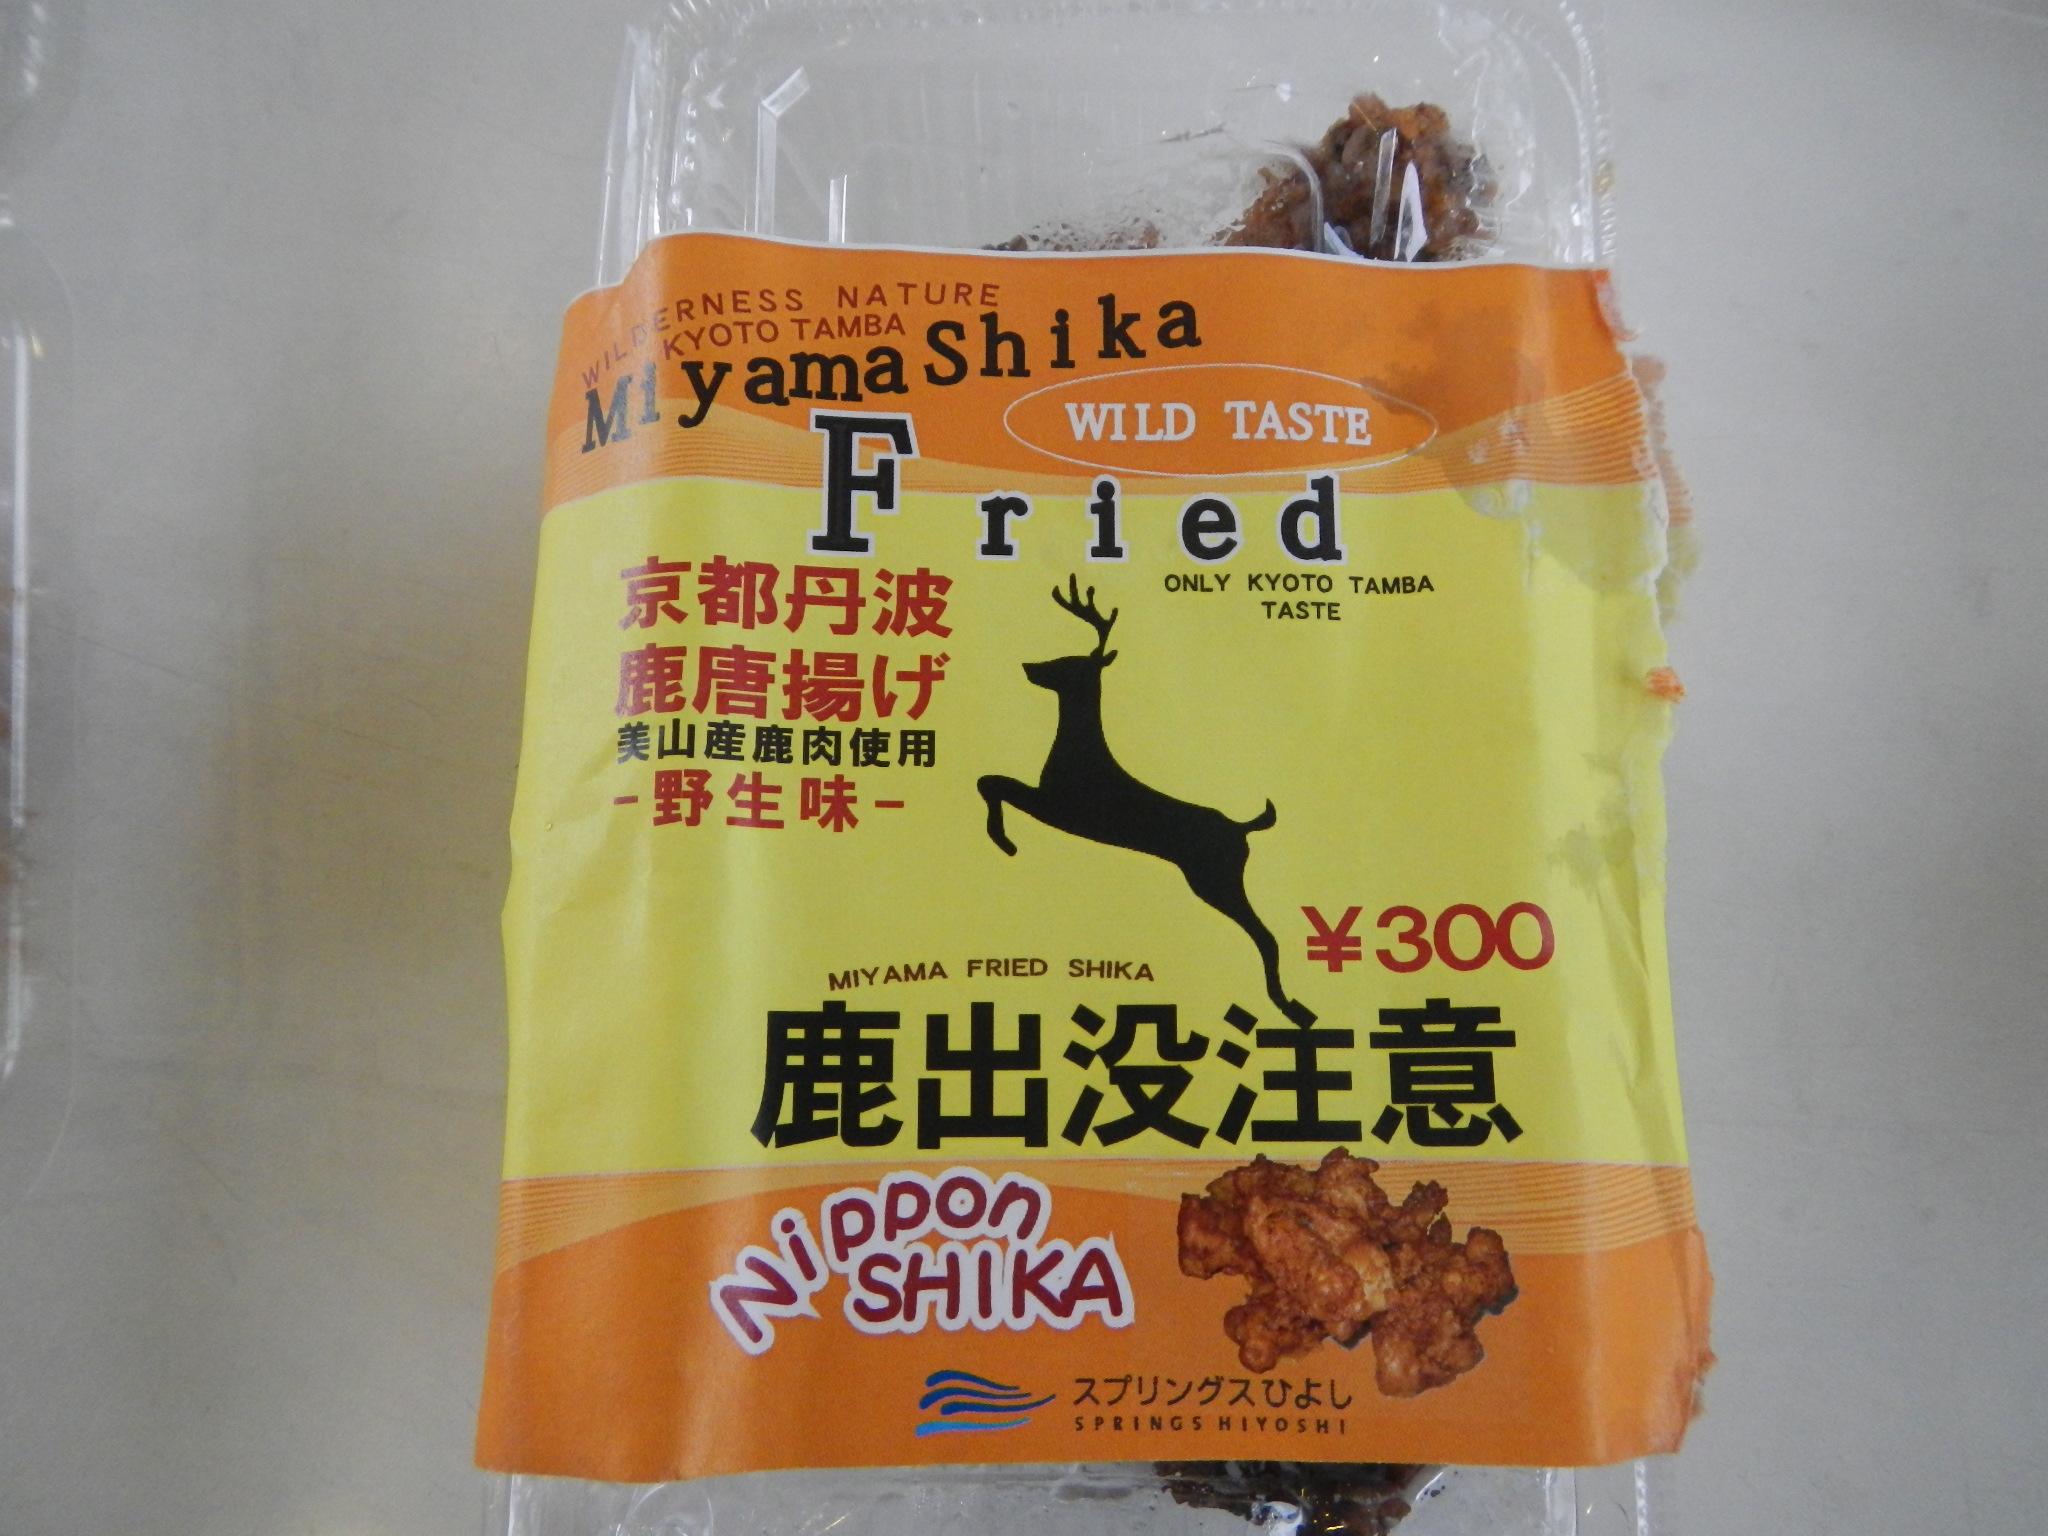 京都の道の駅「スプリングひよし」で売られているシカのから揚げ